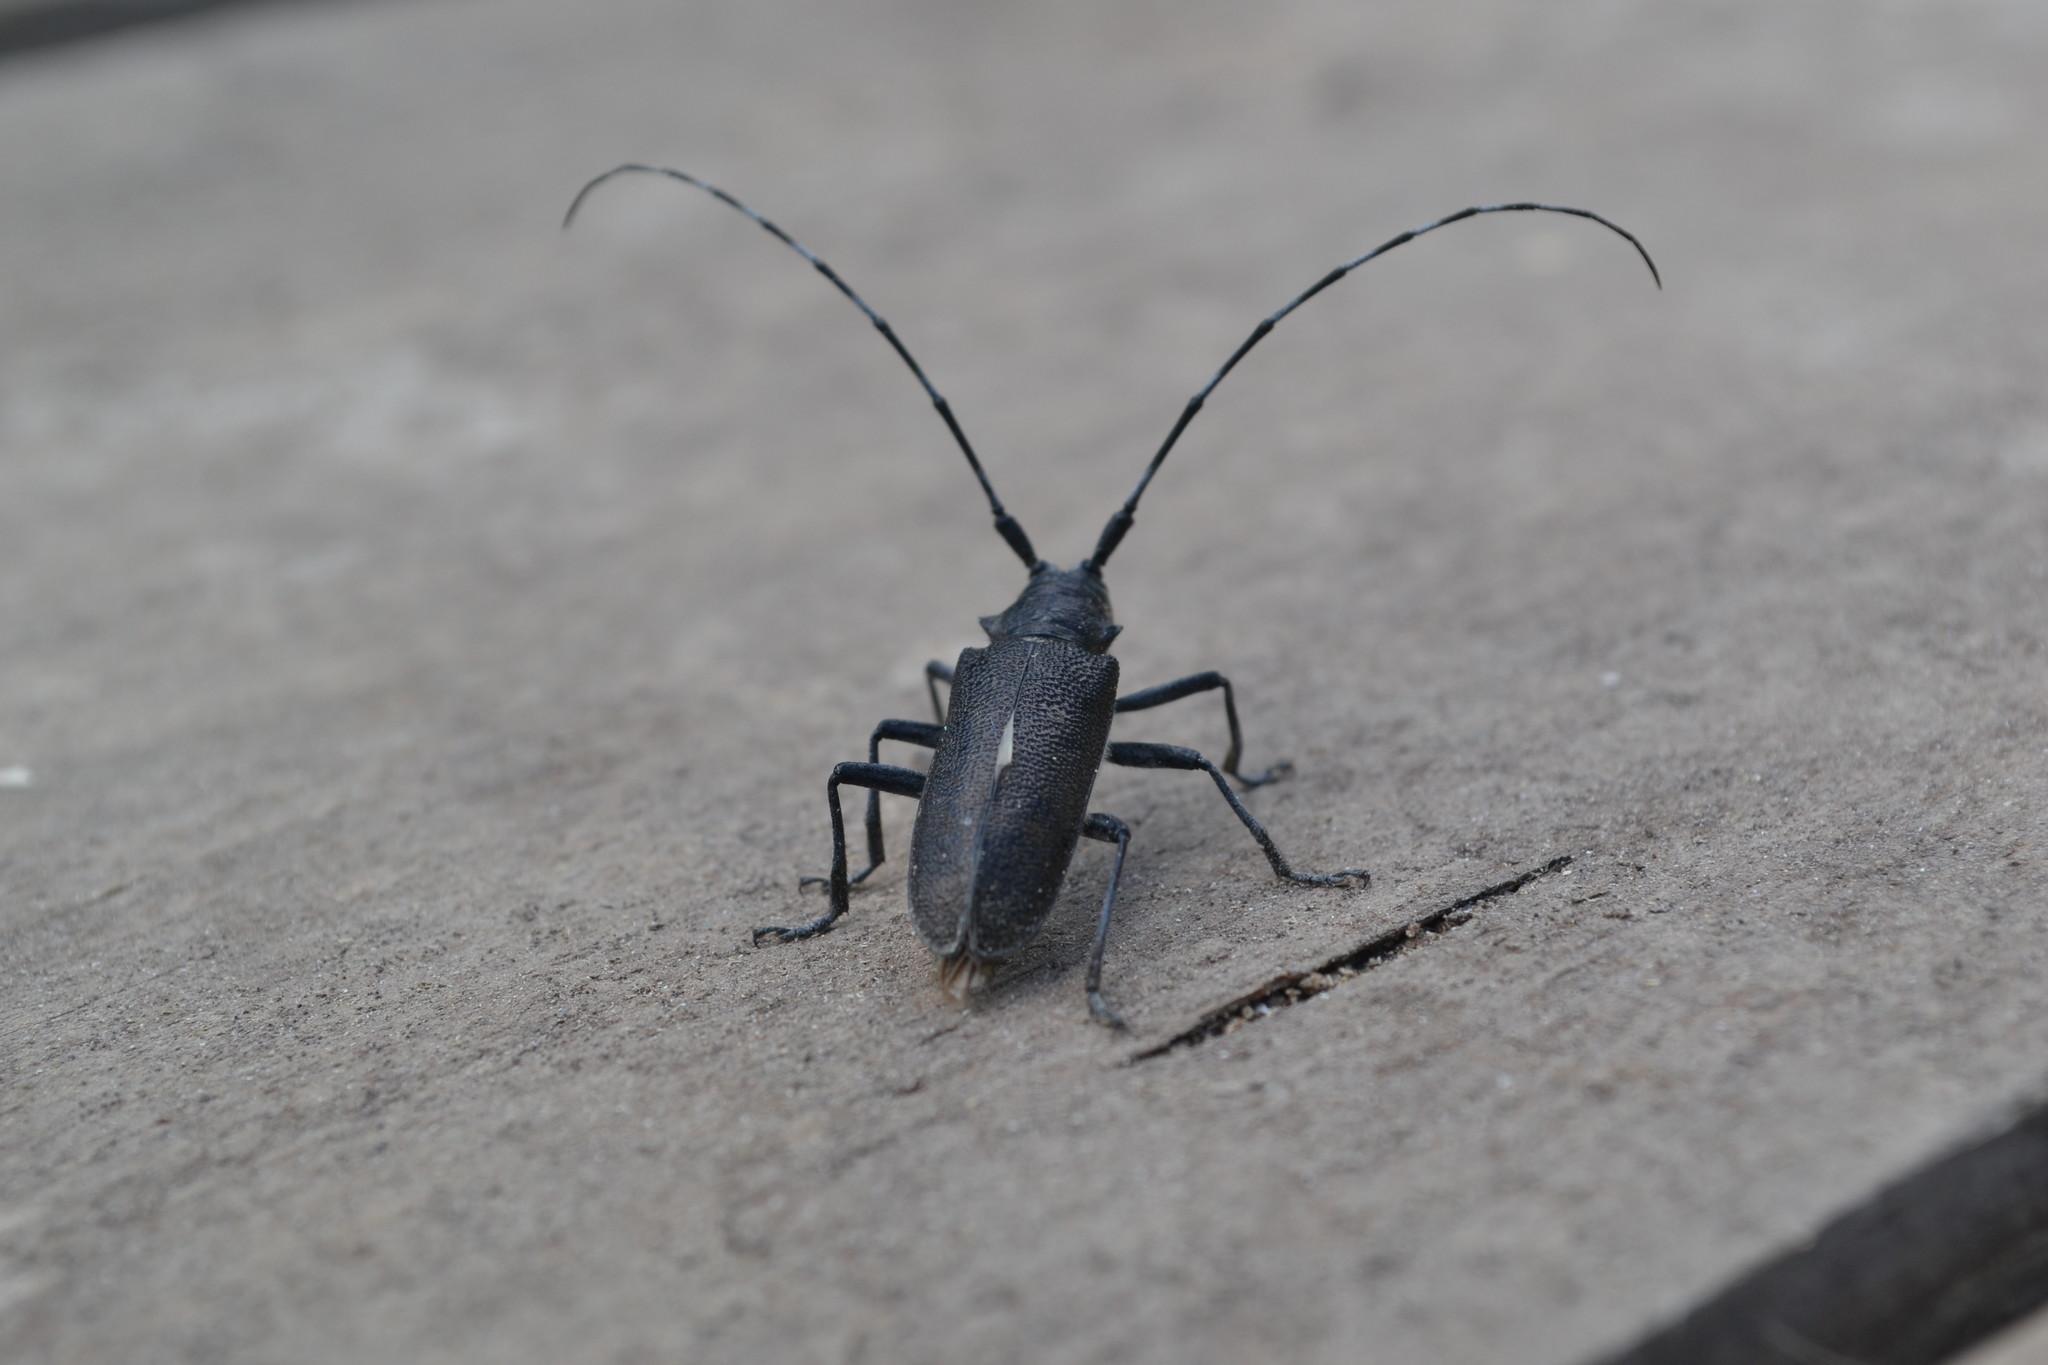 фото и название жуков с длинными усами короля красоты